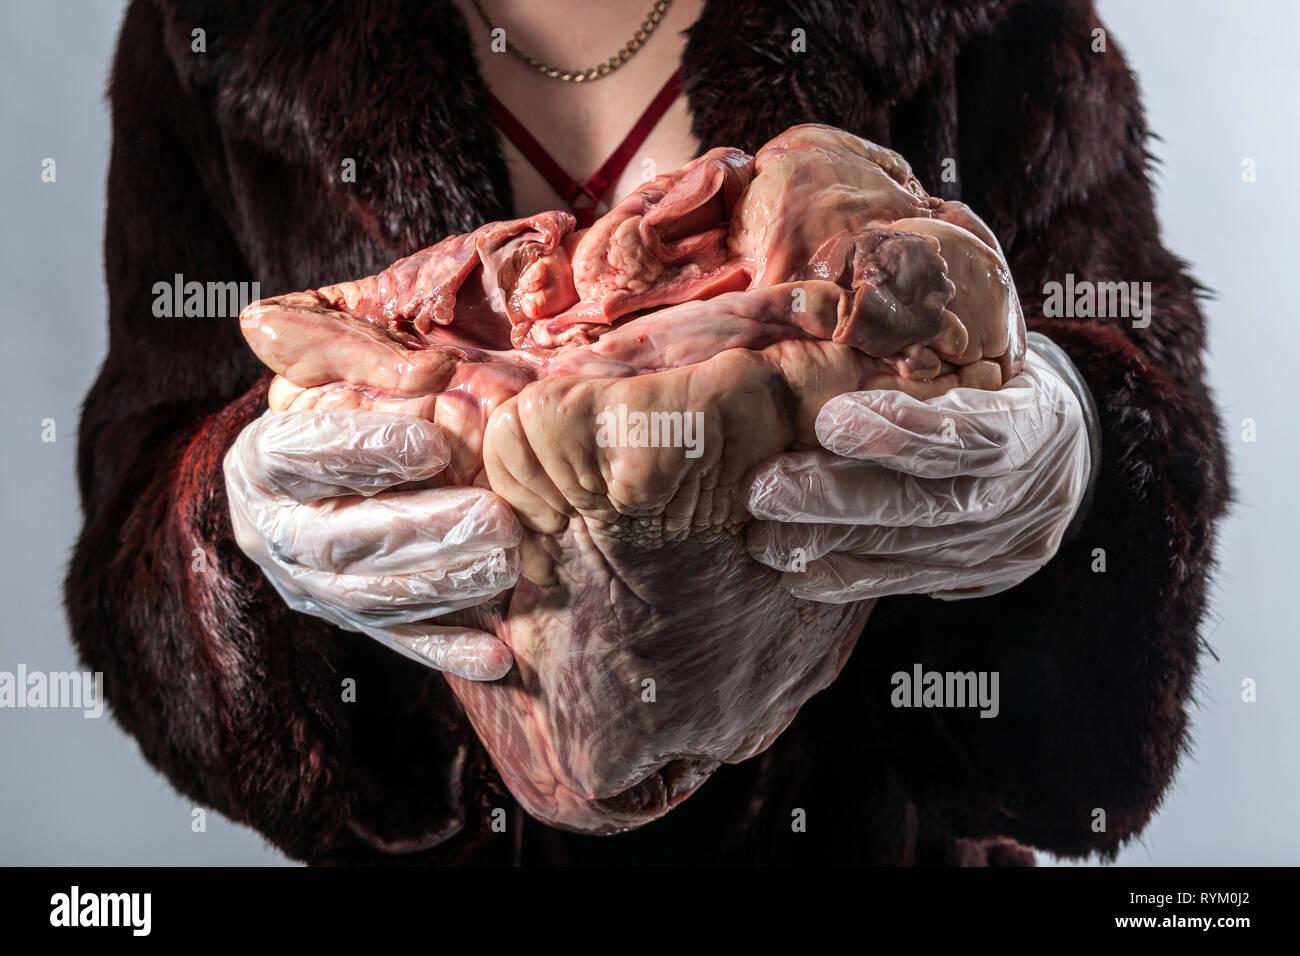 Gesundheitswesen und Medizin, Tierarzt, Anatomie, tier, tiere, tier, Tier, Tier internen Organ, Tier Muskel, Vegetarismus Stockbild